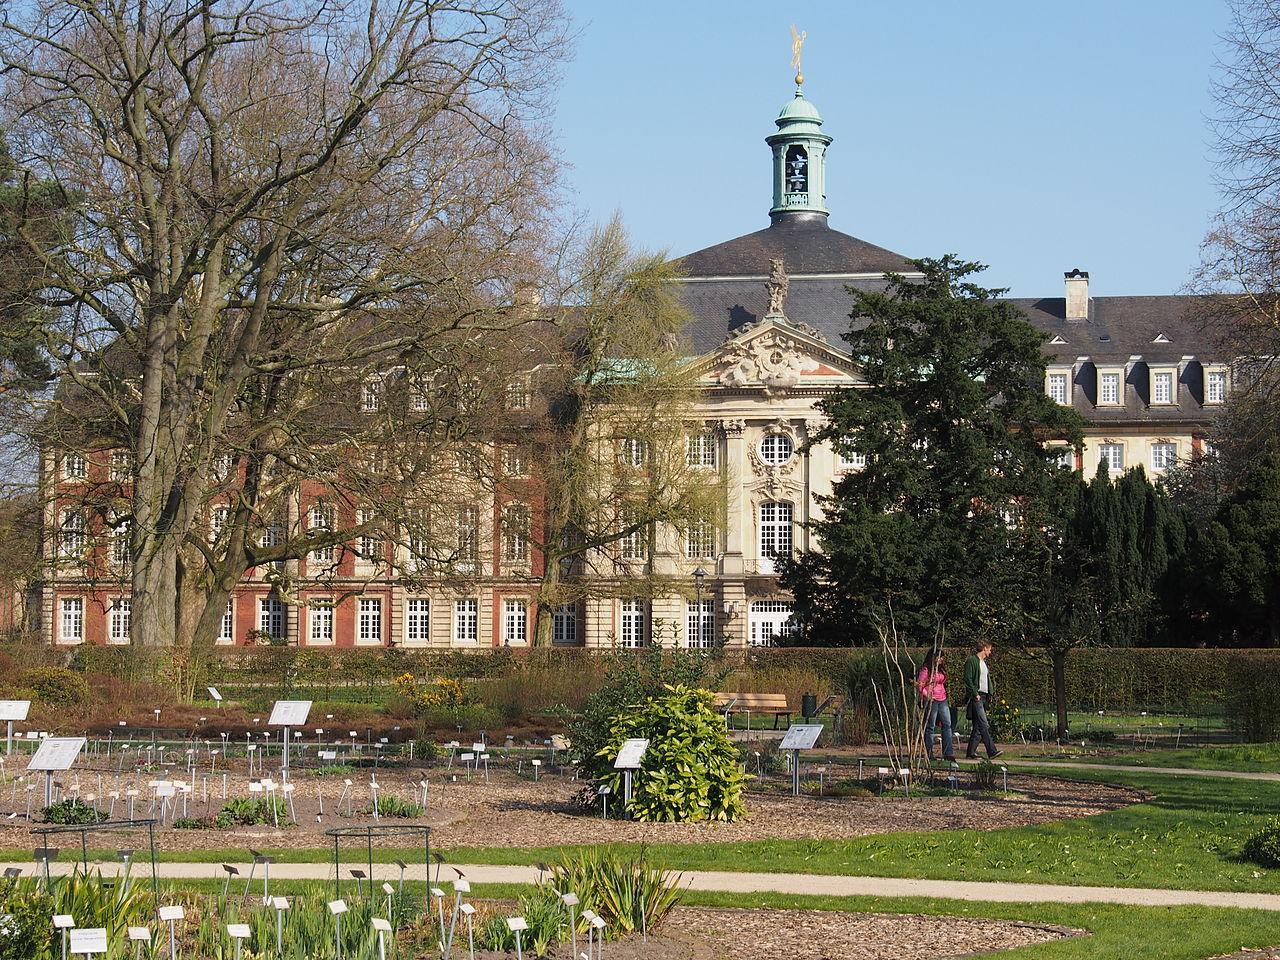 Botanischer Garten Und Schlossgarten In Münster Münster